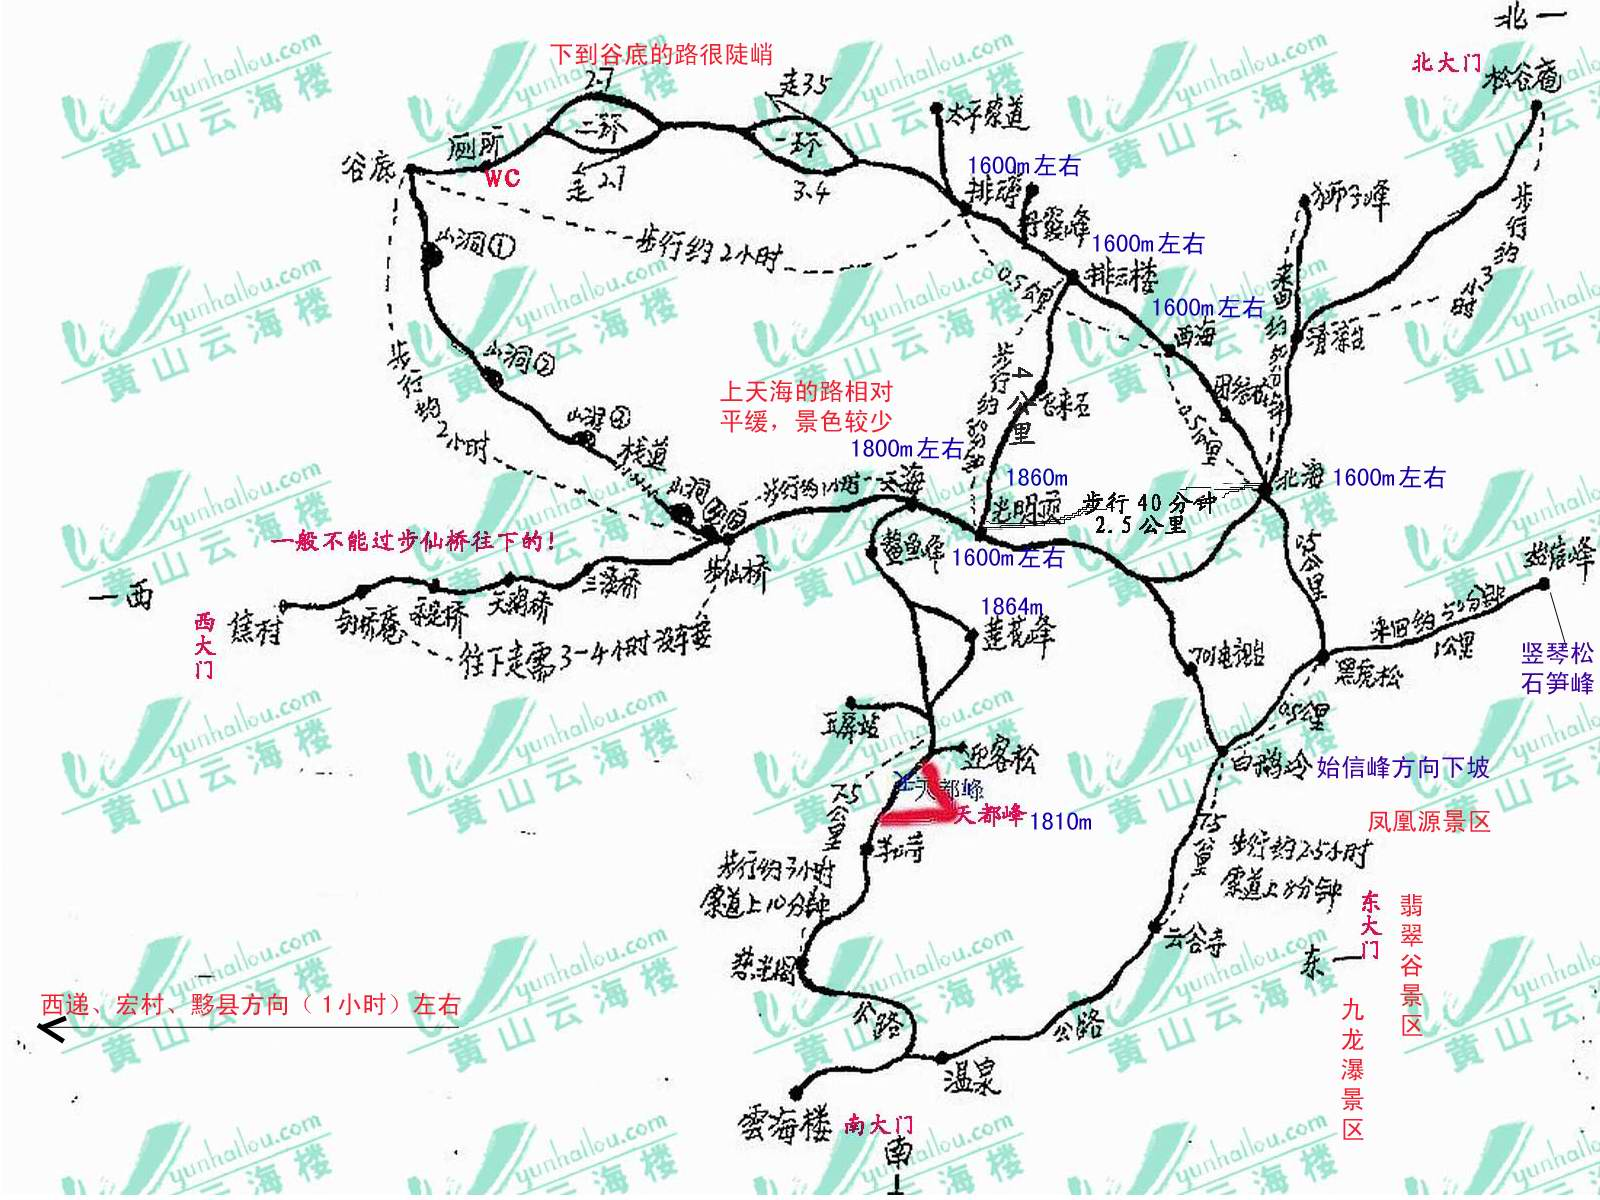 手绘旅游路线图)